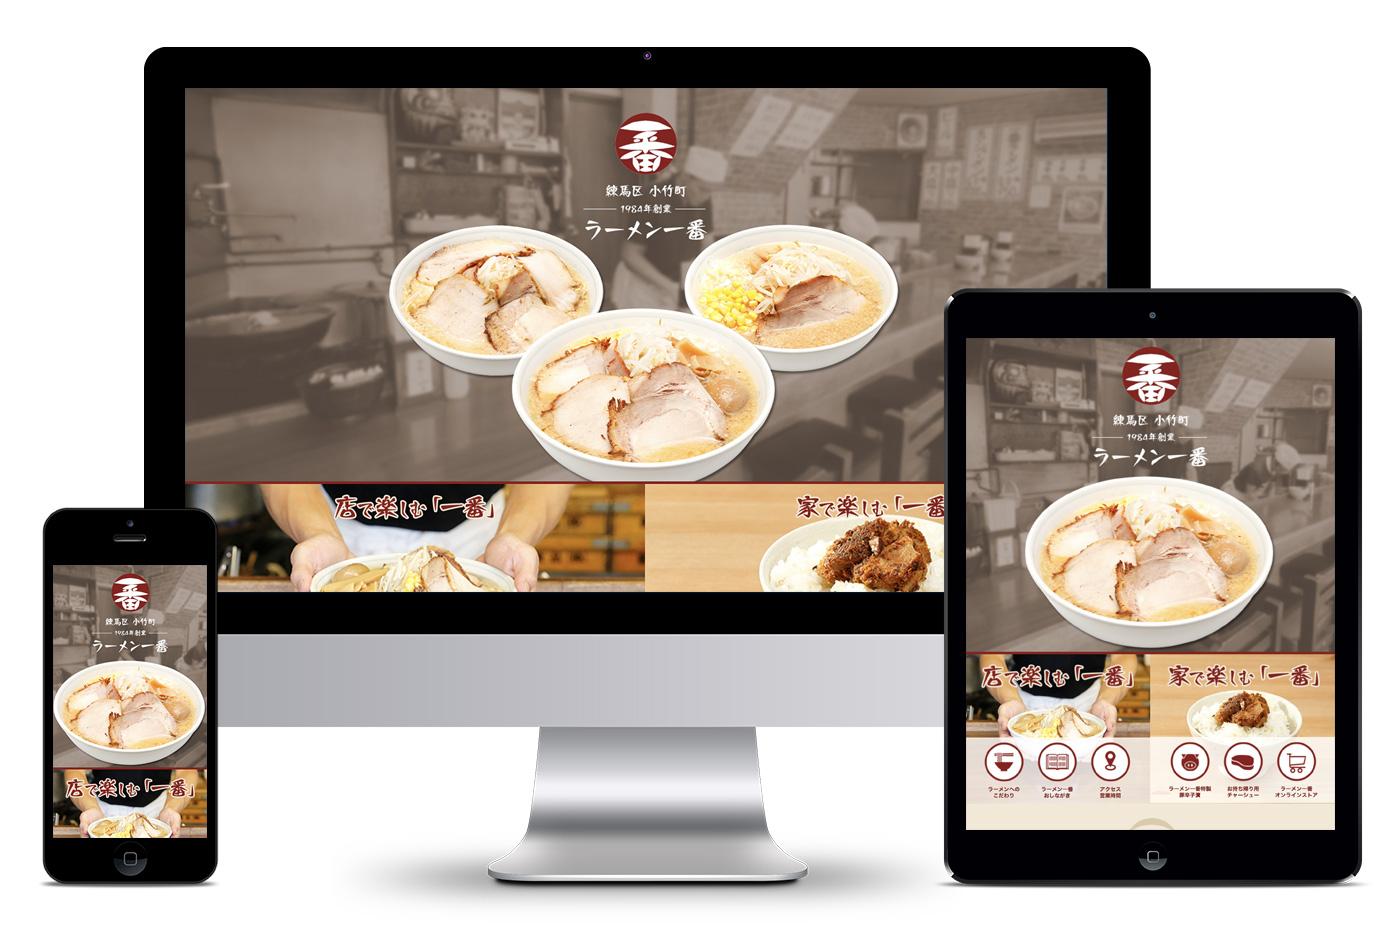 老舗ラーメン店のWordPressを使用したホームページ制作